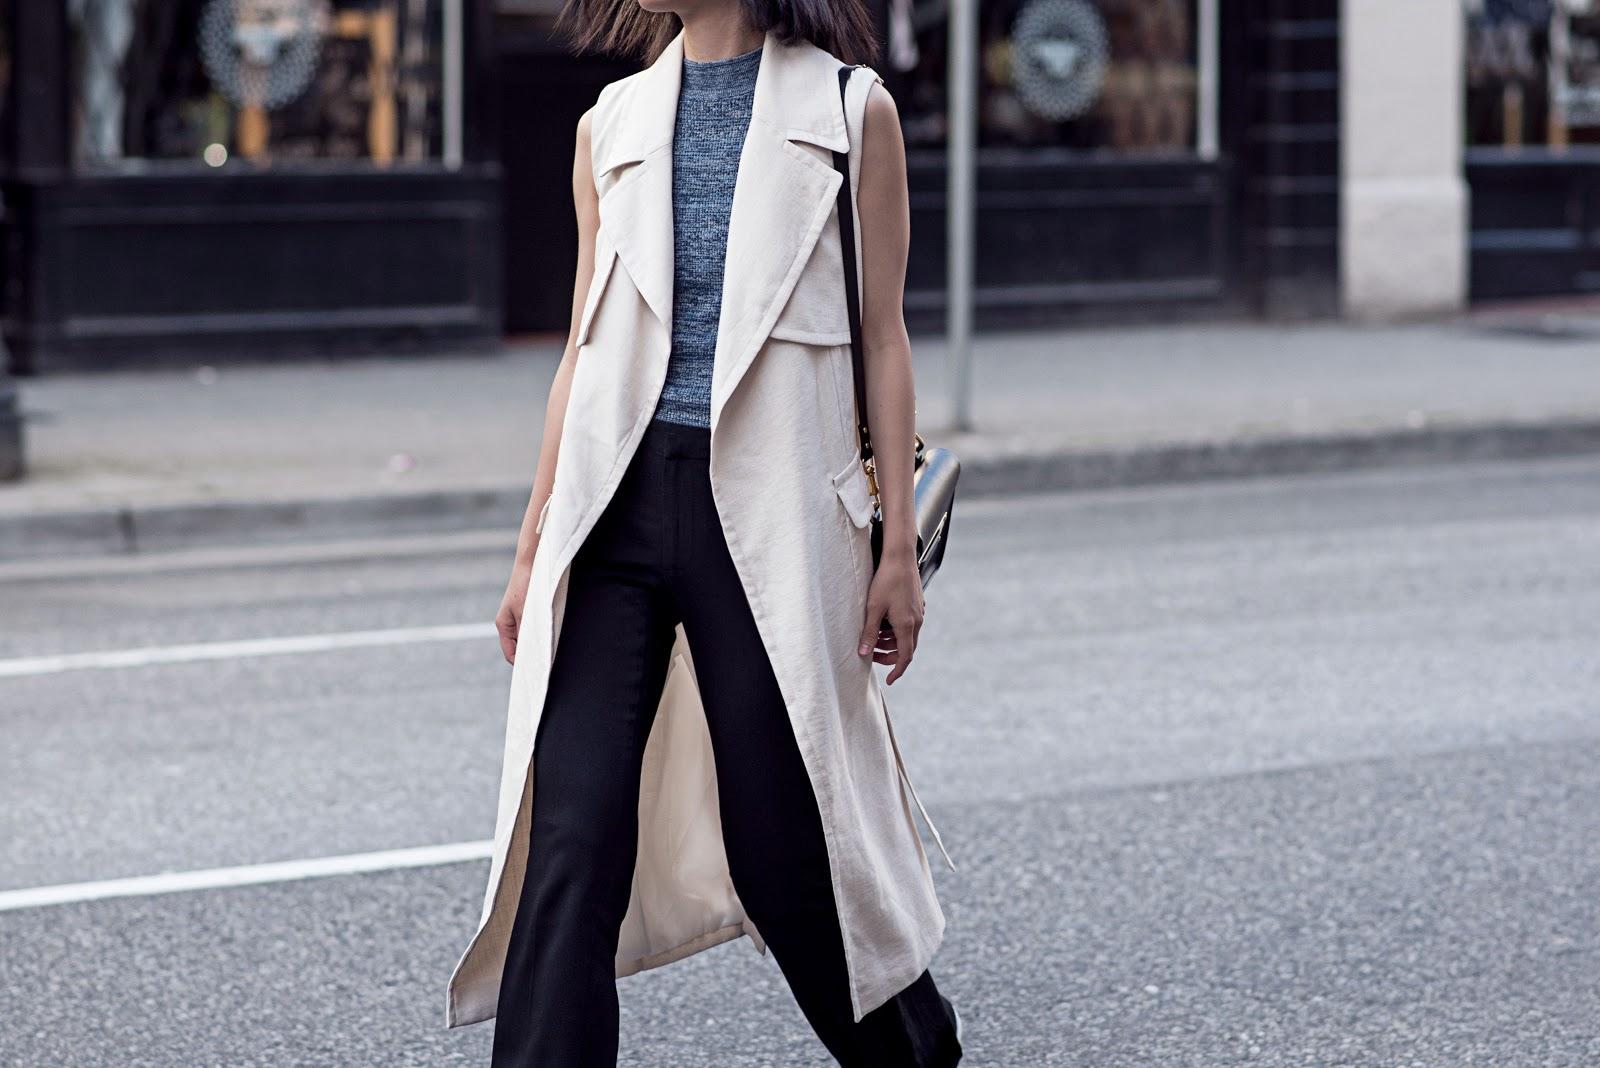 von vogue hm sleeveless trench coat